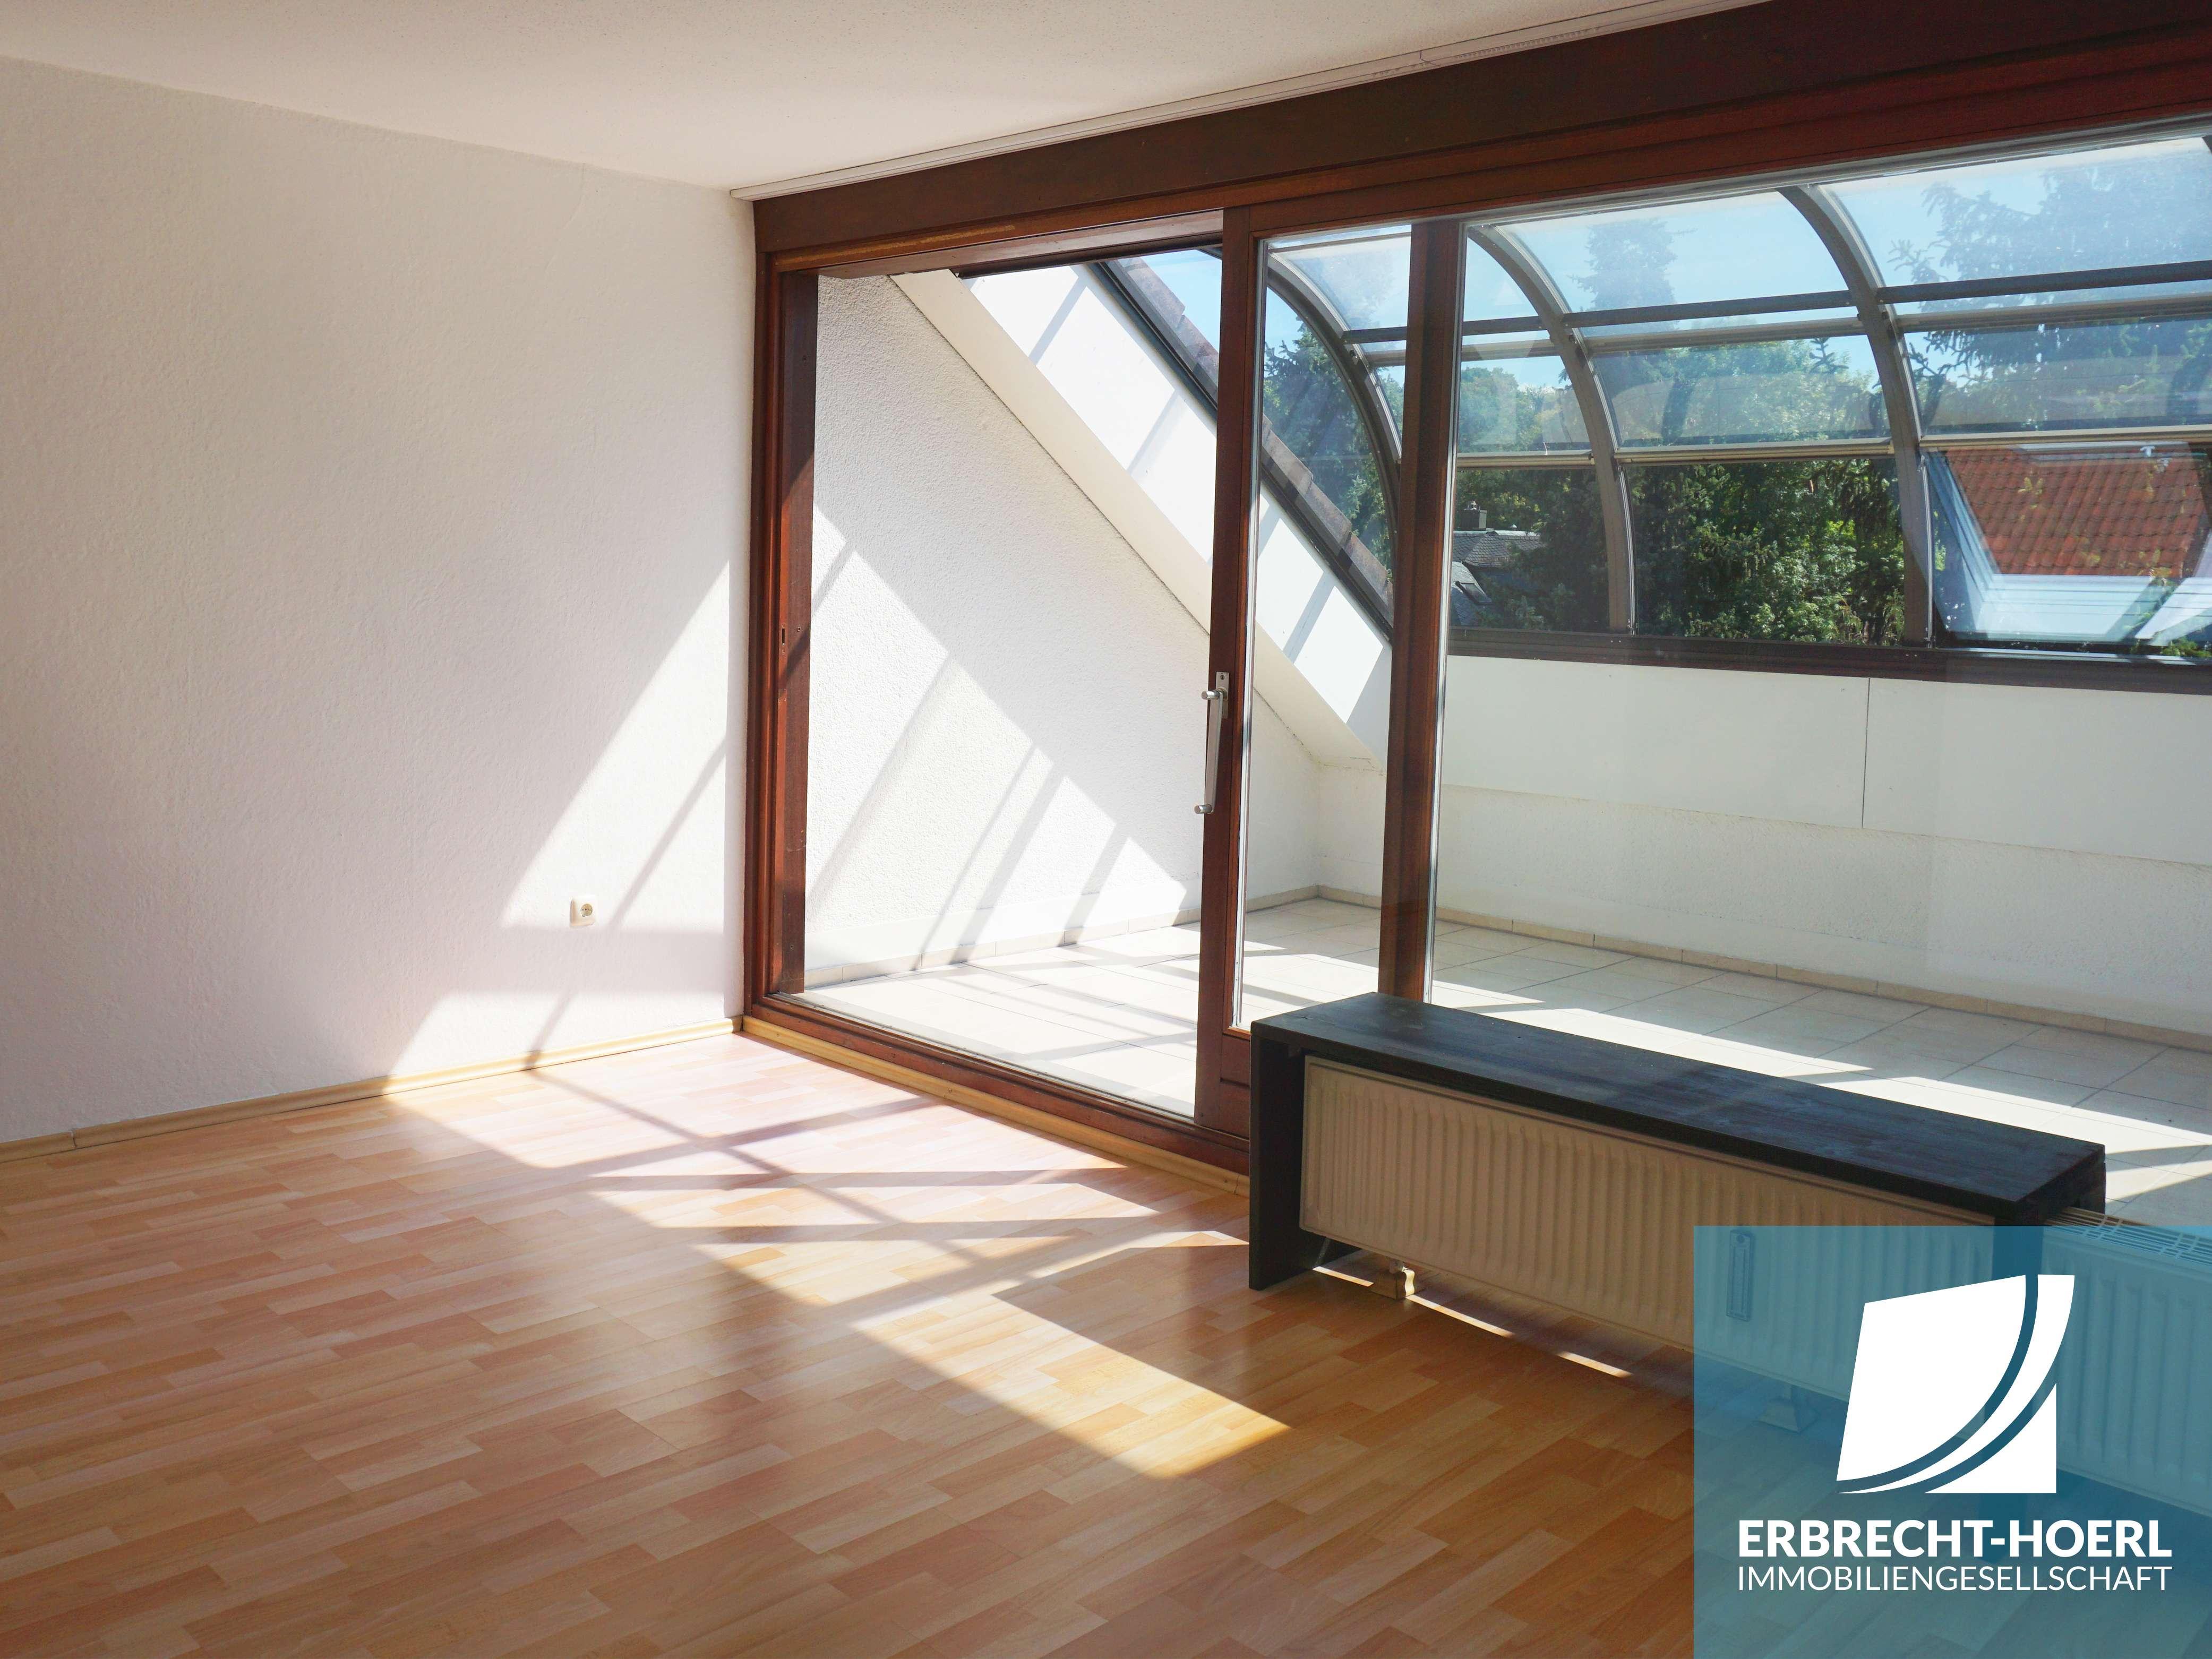 2-Zimmer-Dachgeschosswohnung am Hofgarten nahe Uni und Innenstadt in City (Bayreuth)